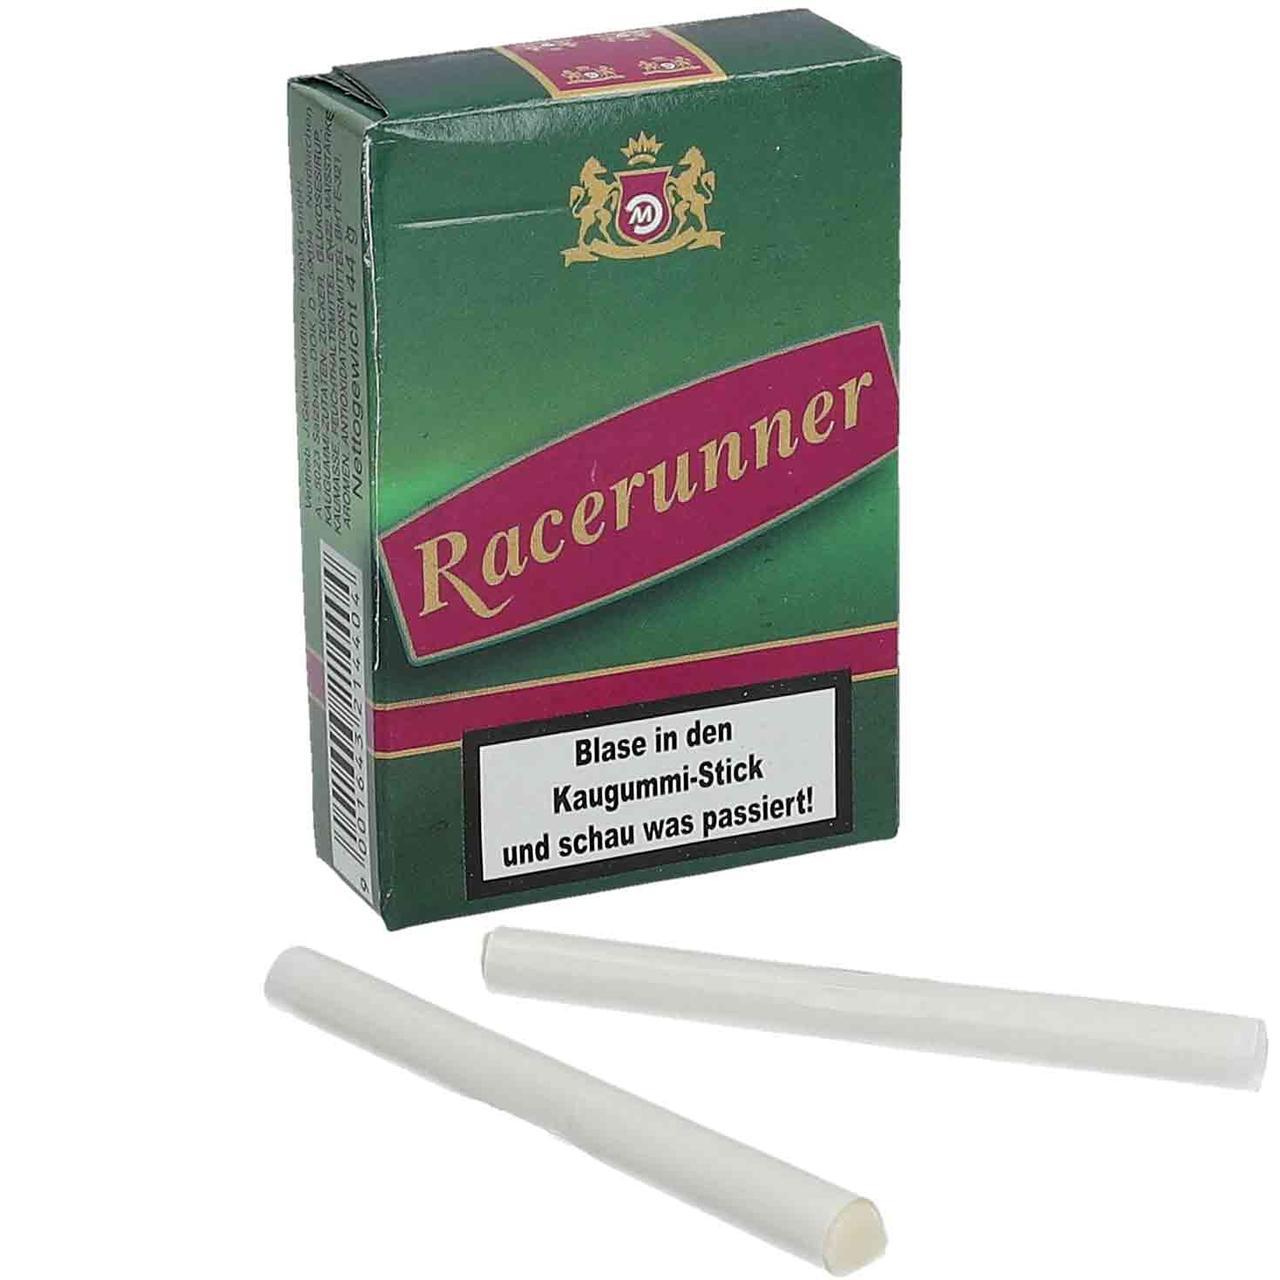 Жвачки в виде сигарет купить mevius сигареты оптом